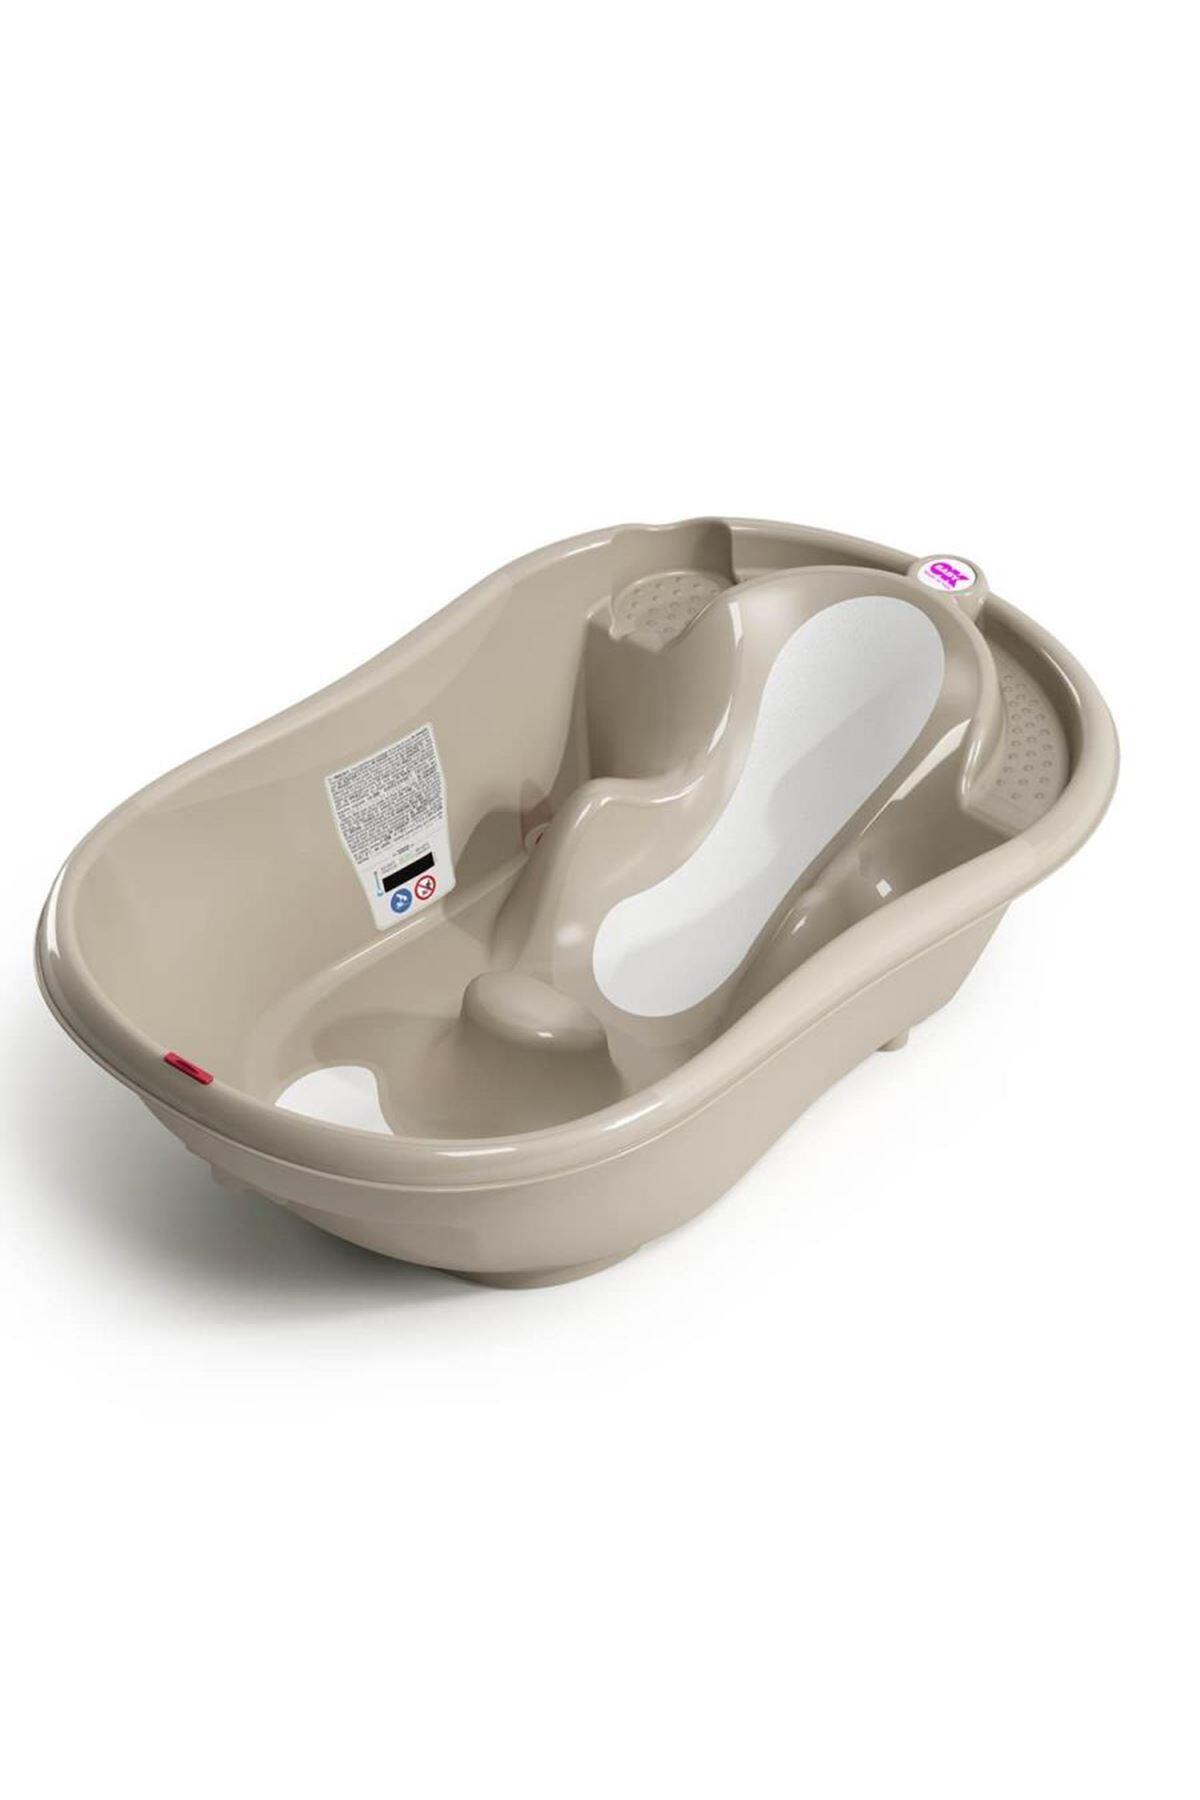 OkBaby Onda Evol Banyo Küveti & Banyo Küvet Taşıyıcı / Gri